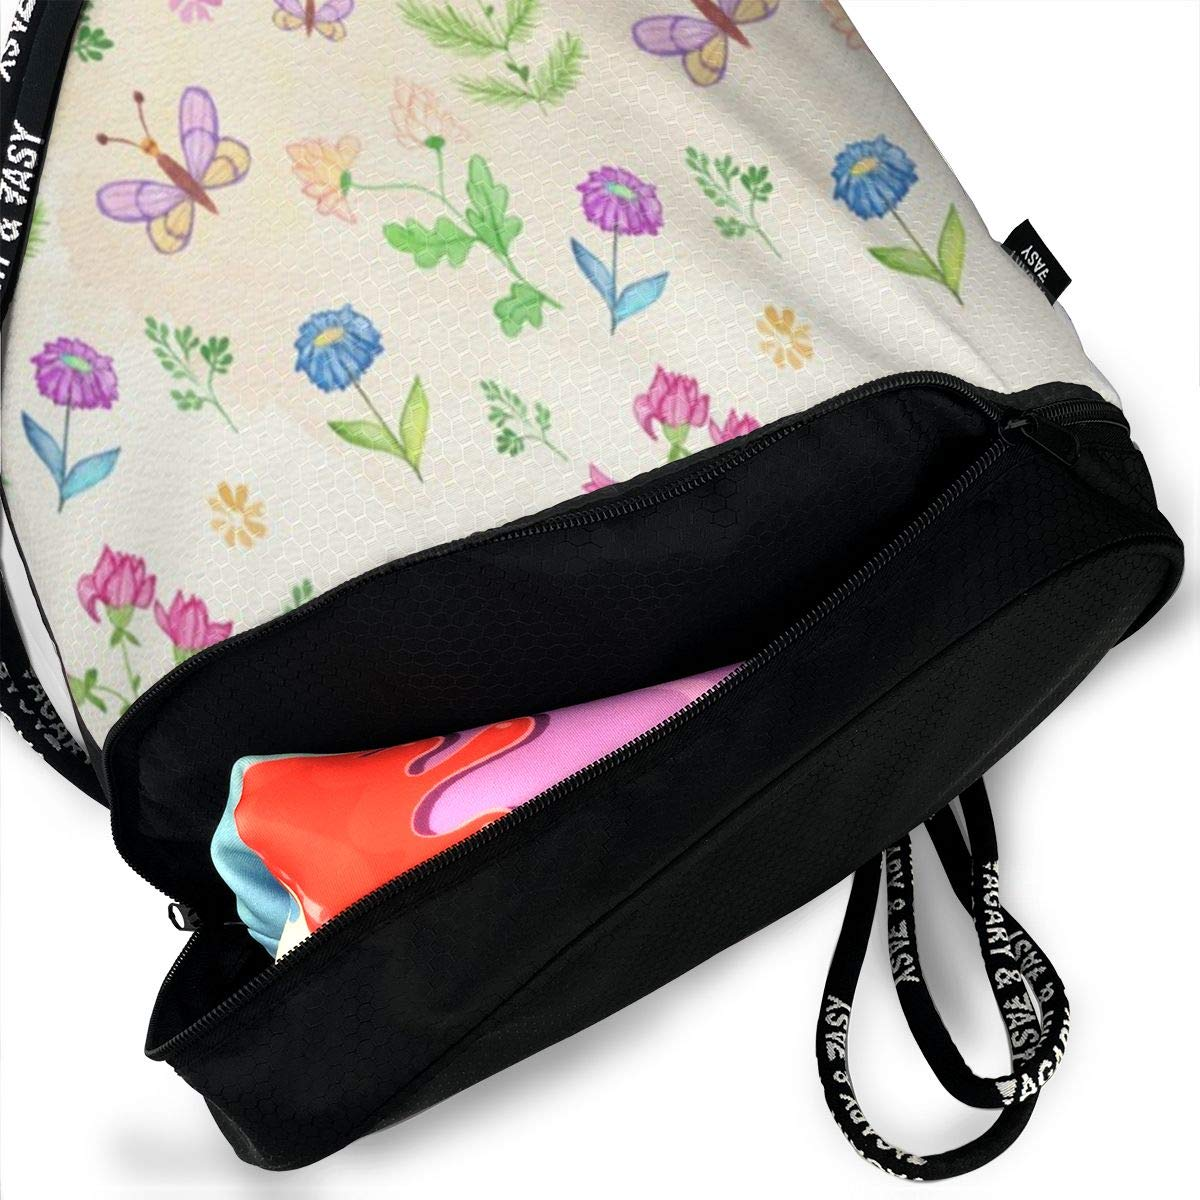 HUOPR5Q DogsPlusPawPrints Drawstring Backpack Sport Gym Sack Shoulder Bulk Bag Dance Bag for School Travel